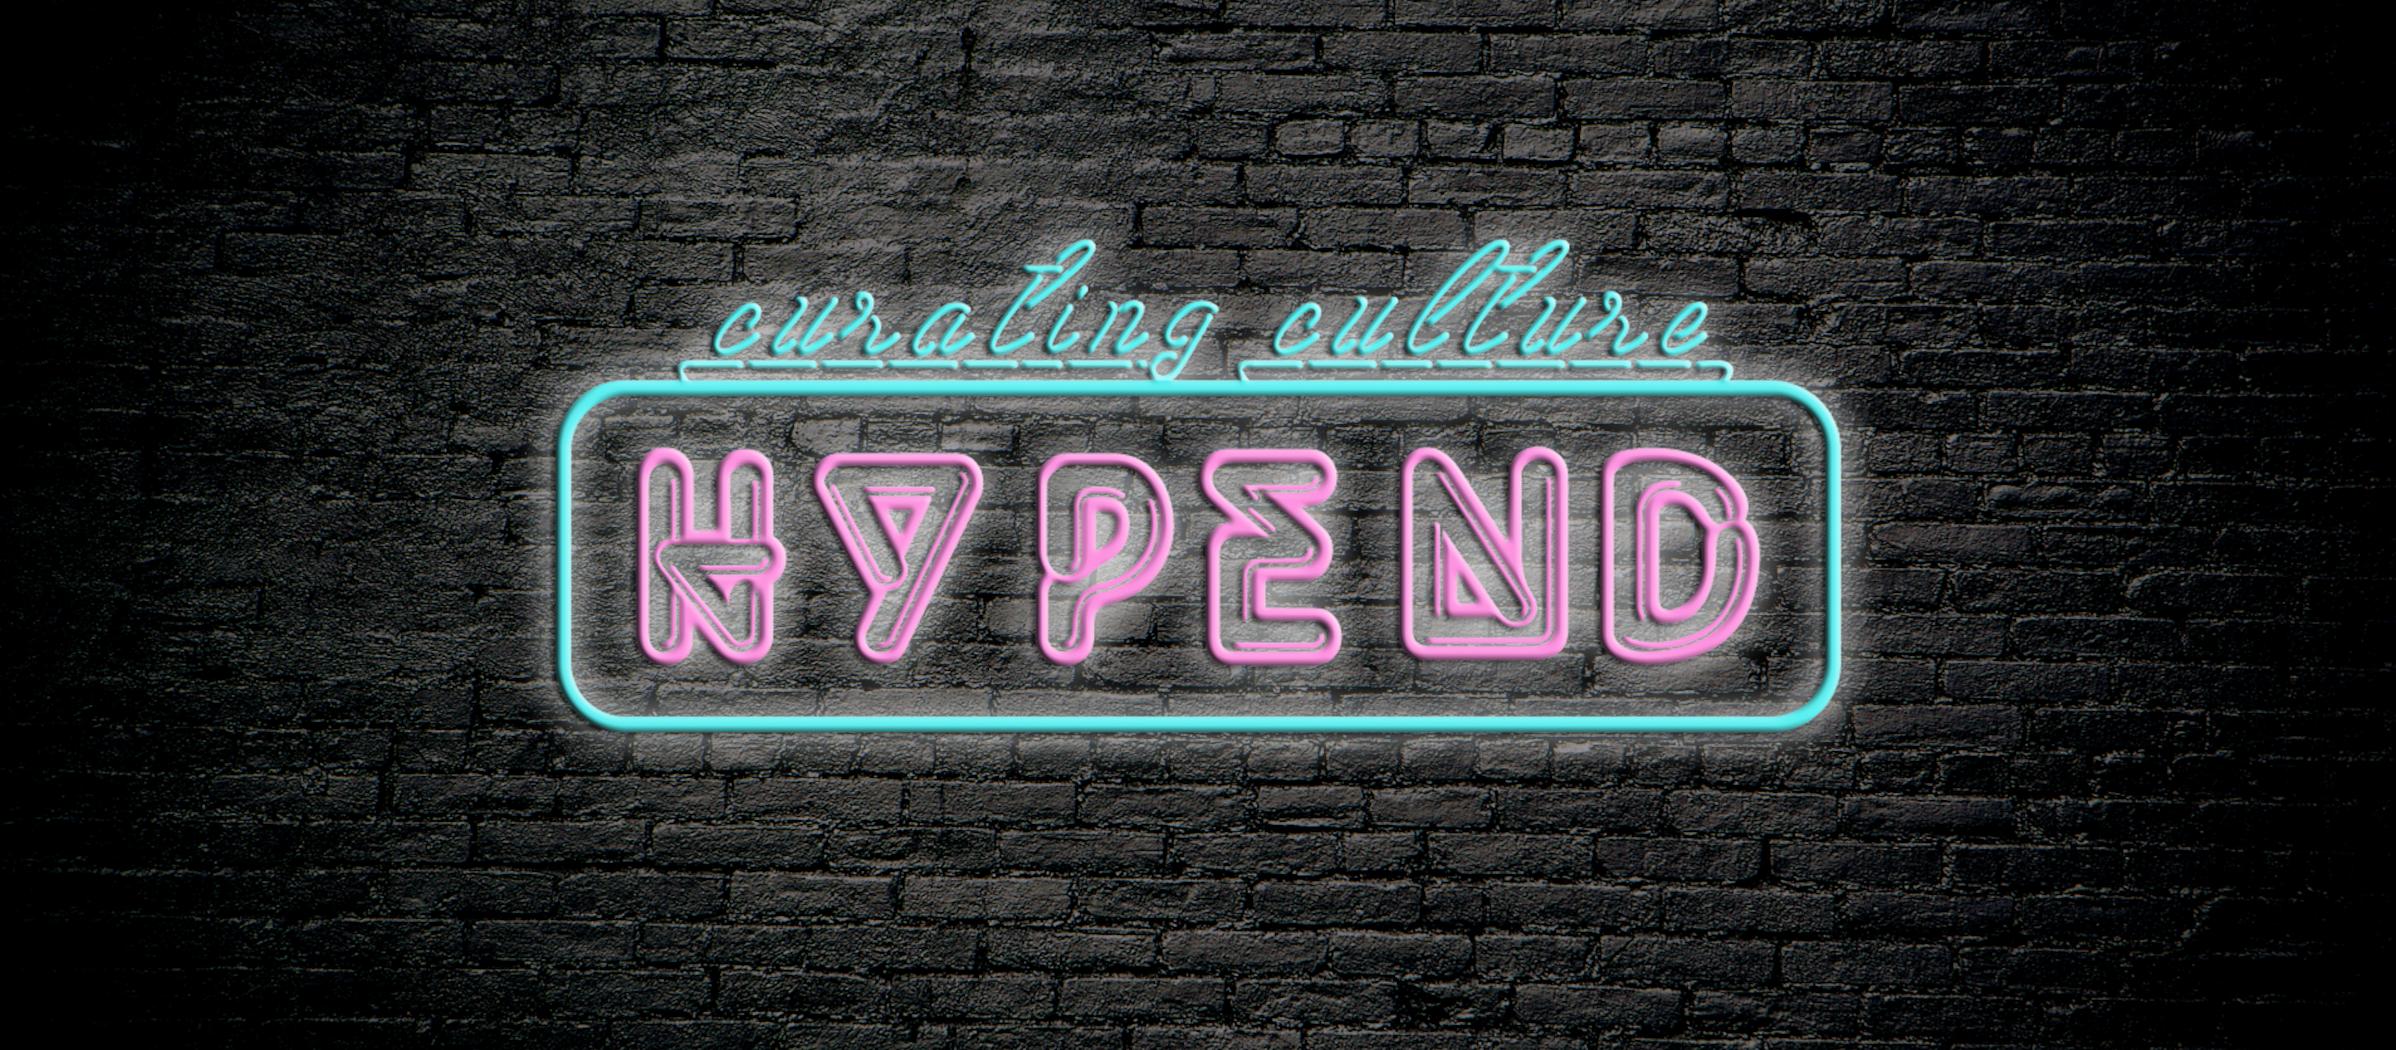 Hypend Neon Sign  August 2018  Designed by: Kasper Kasanen & Veikko Heikkilä